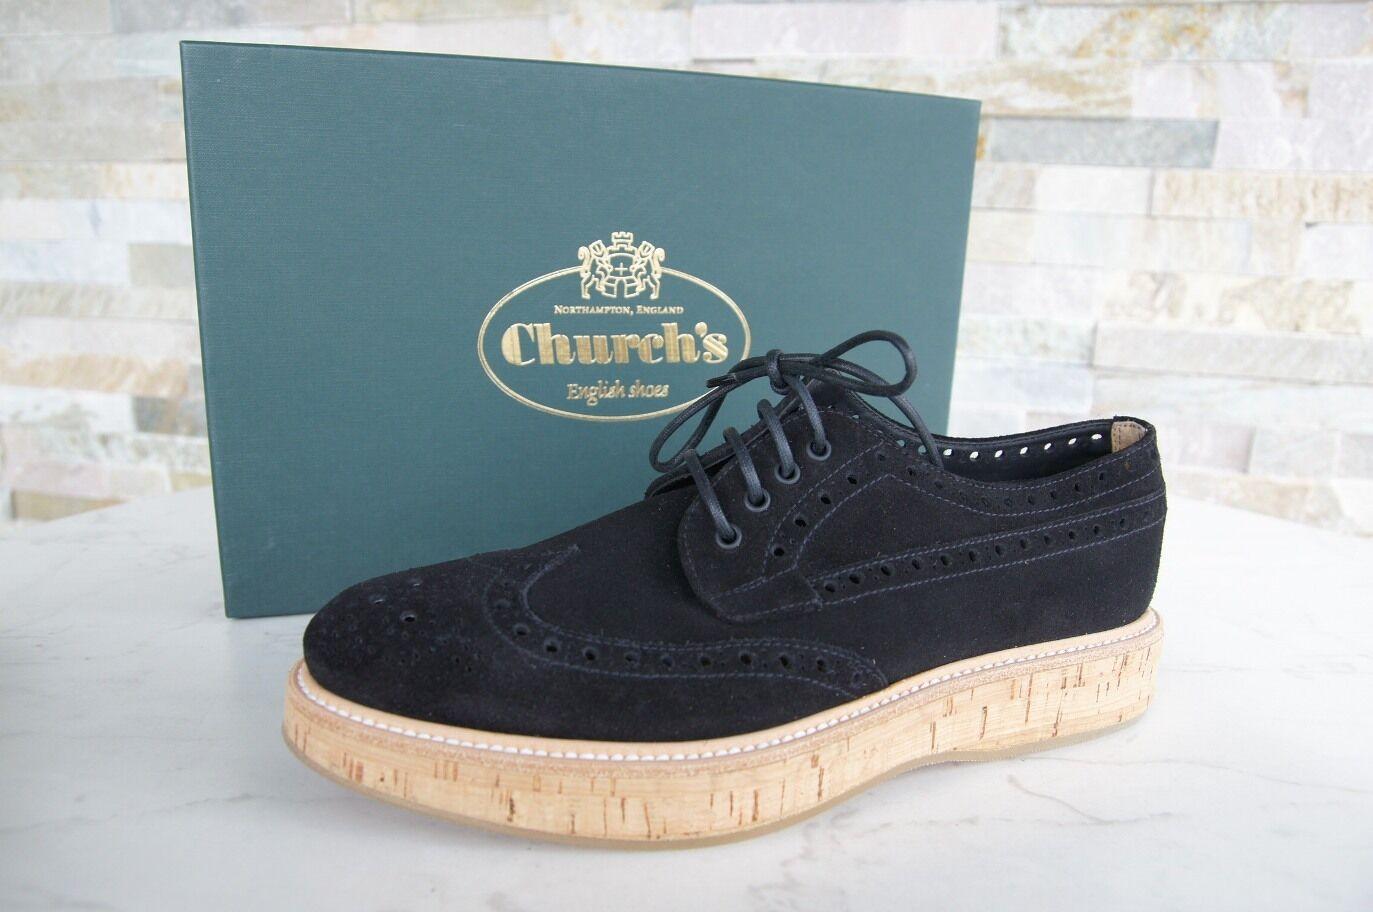 Church's Dimensione 38 Budapest Lace up scarpe  Keely nero New Precedentemente  negozio online